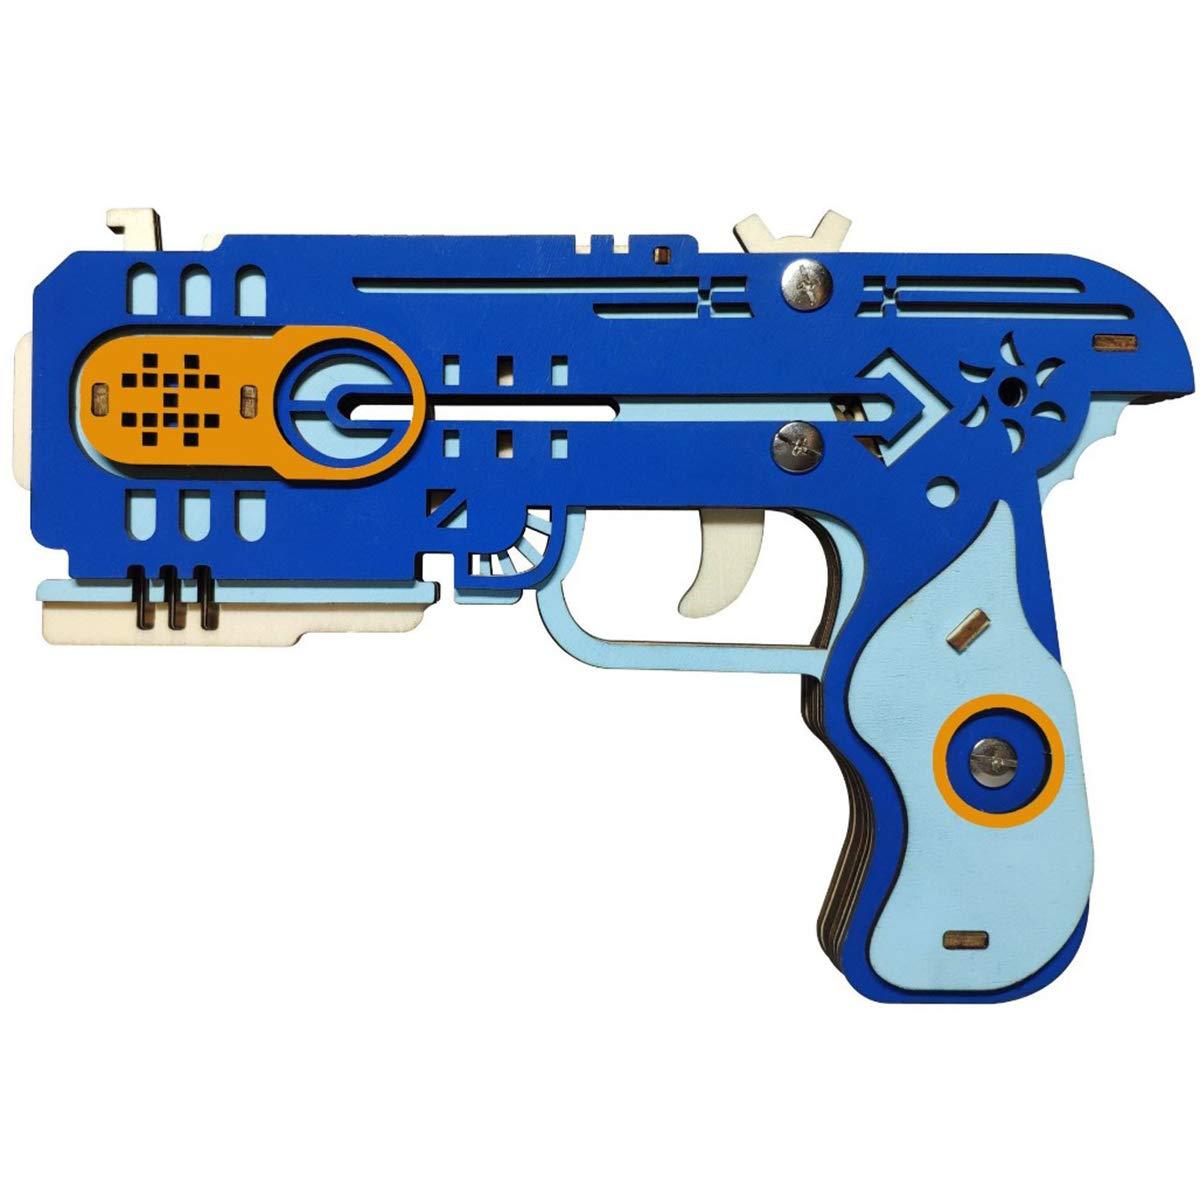 店舗良い btibpse Toy 3d木製パズルGun Toy B076VGLSMX btibpse for Kids機械モデル B076VGLSMX, 美祢市:e85dcacb --- clubavenue.eu